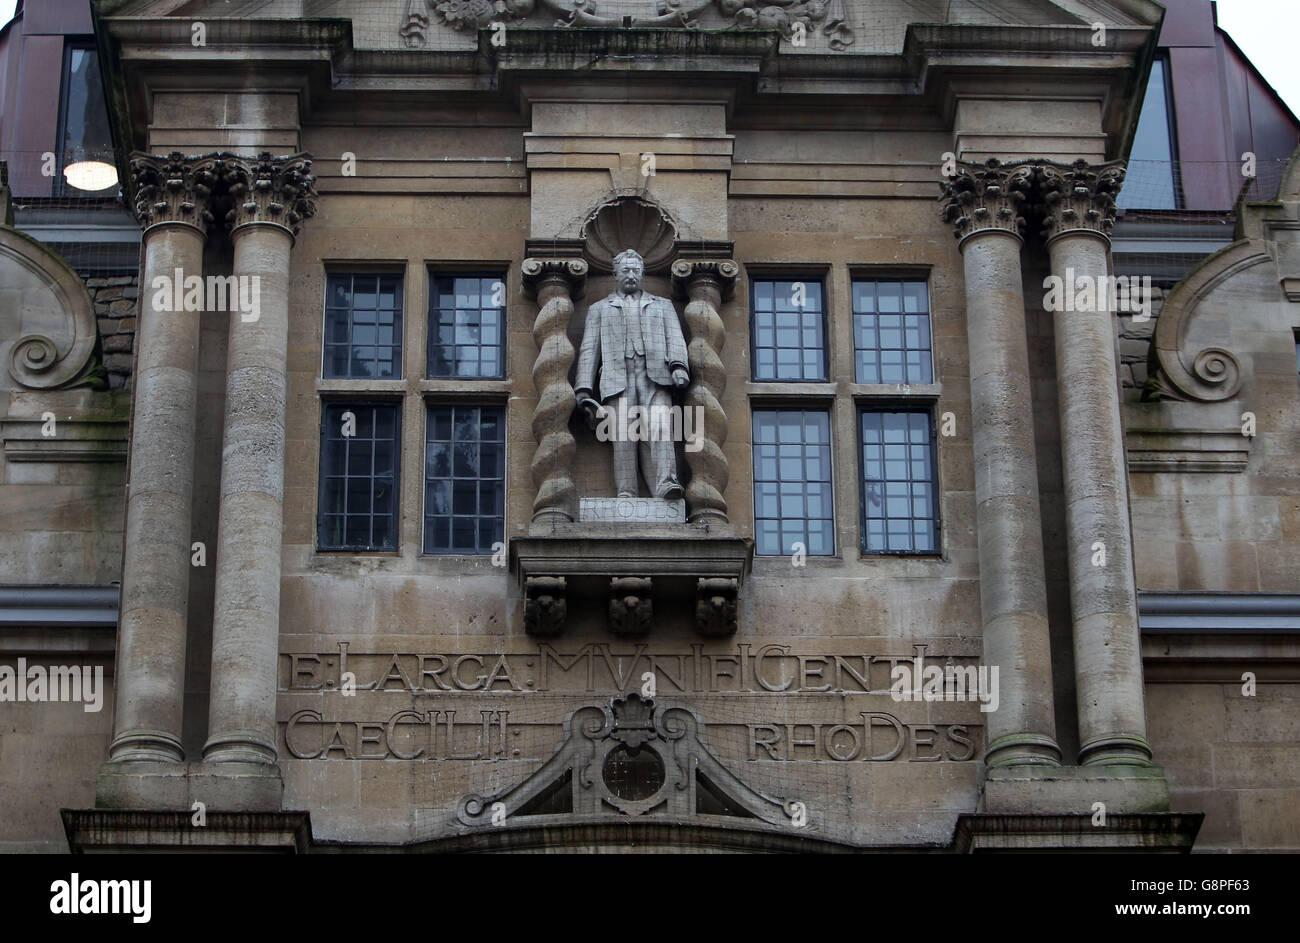 Cecil Rhodes statue - Stock Image